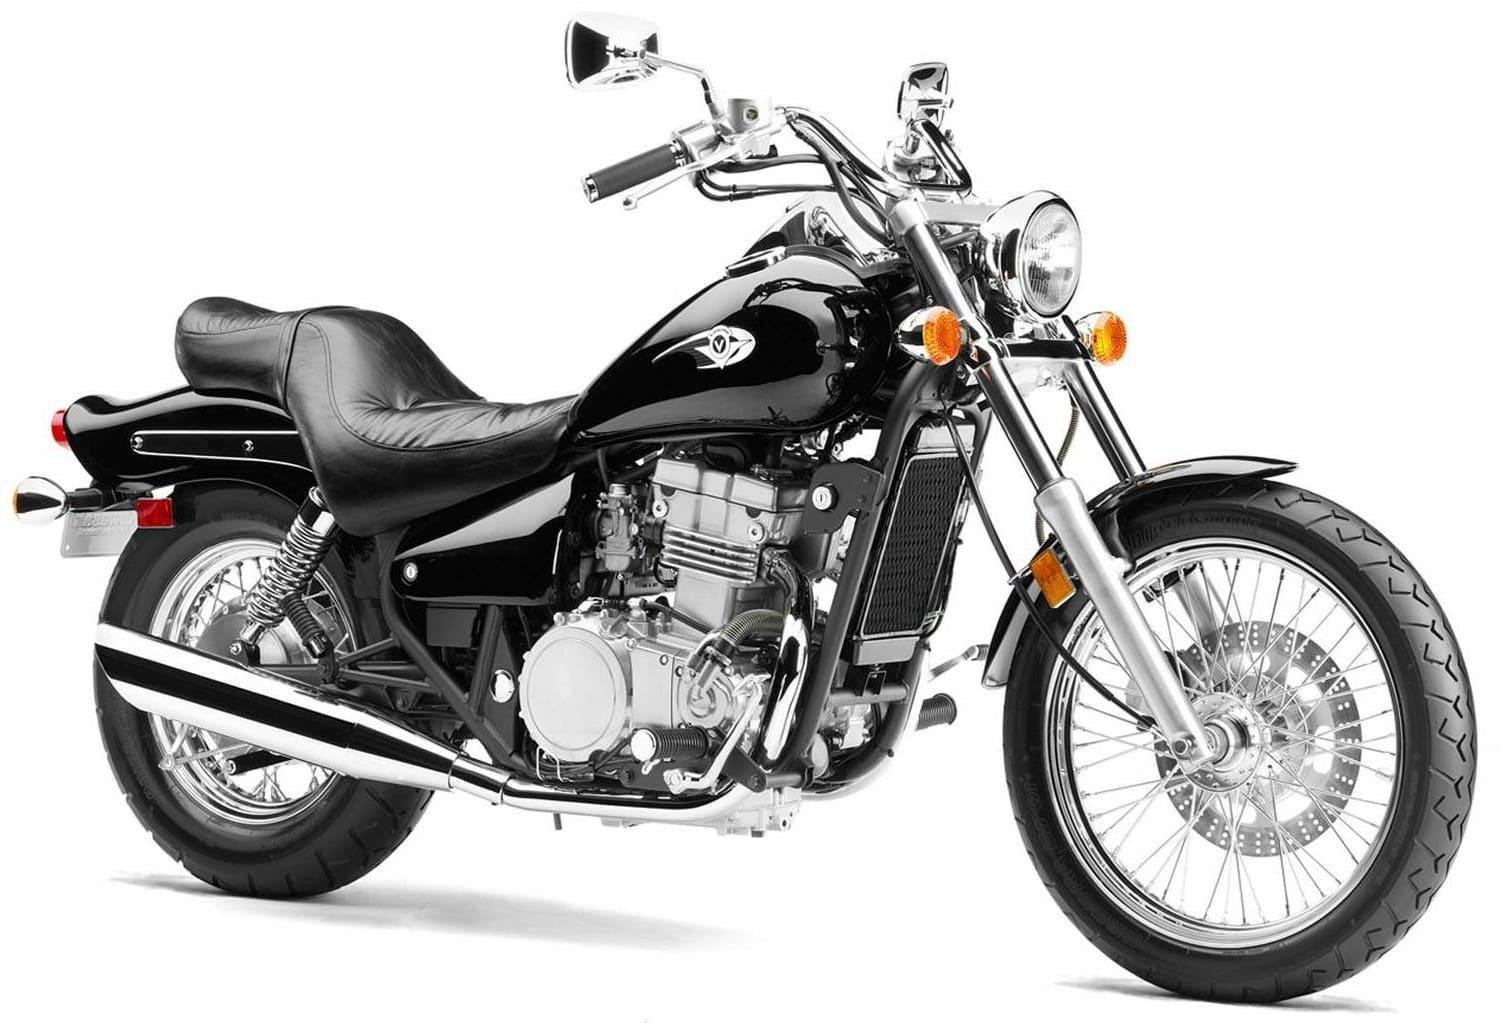 A Look at Kawasaki Vulcan Motorcycles